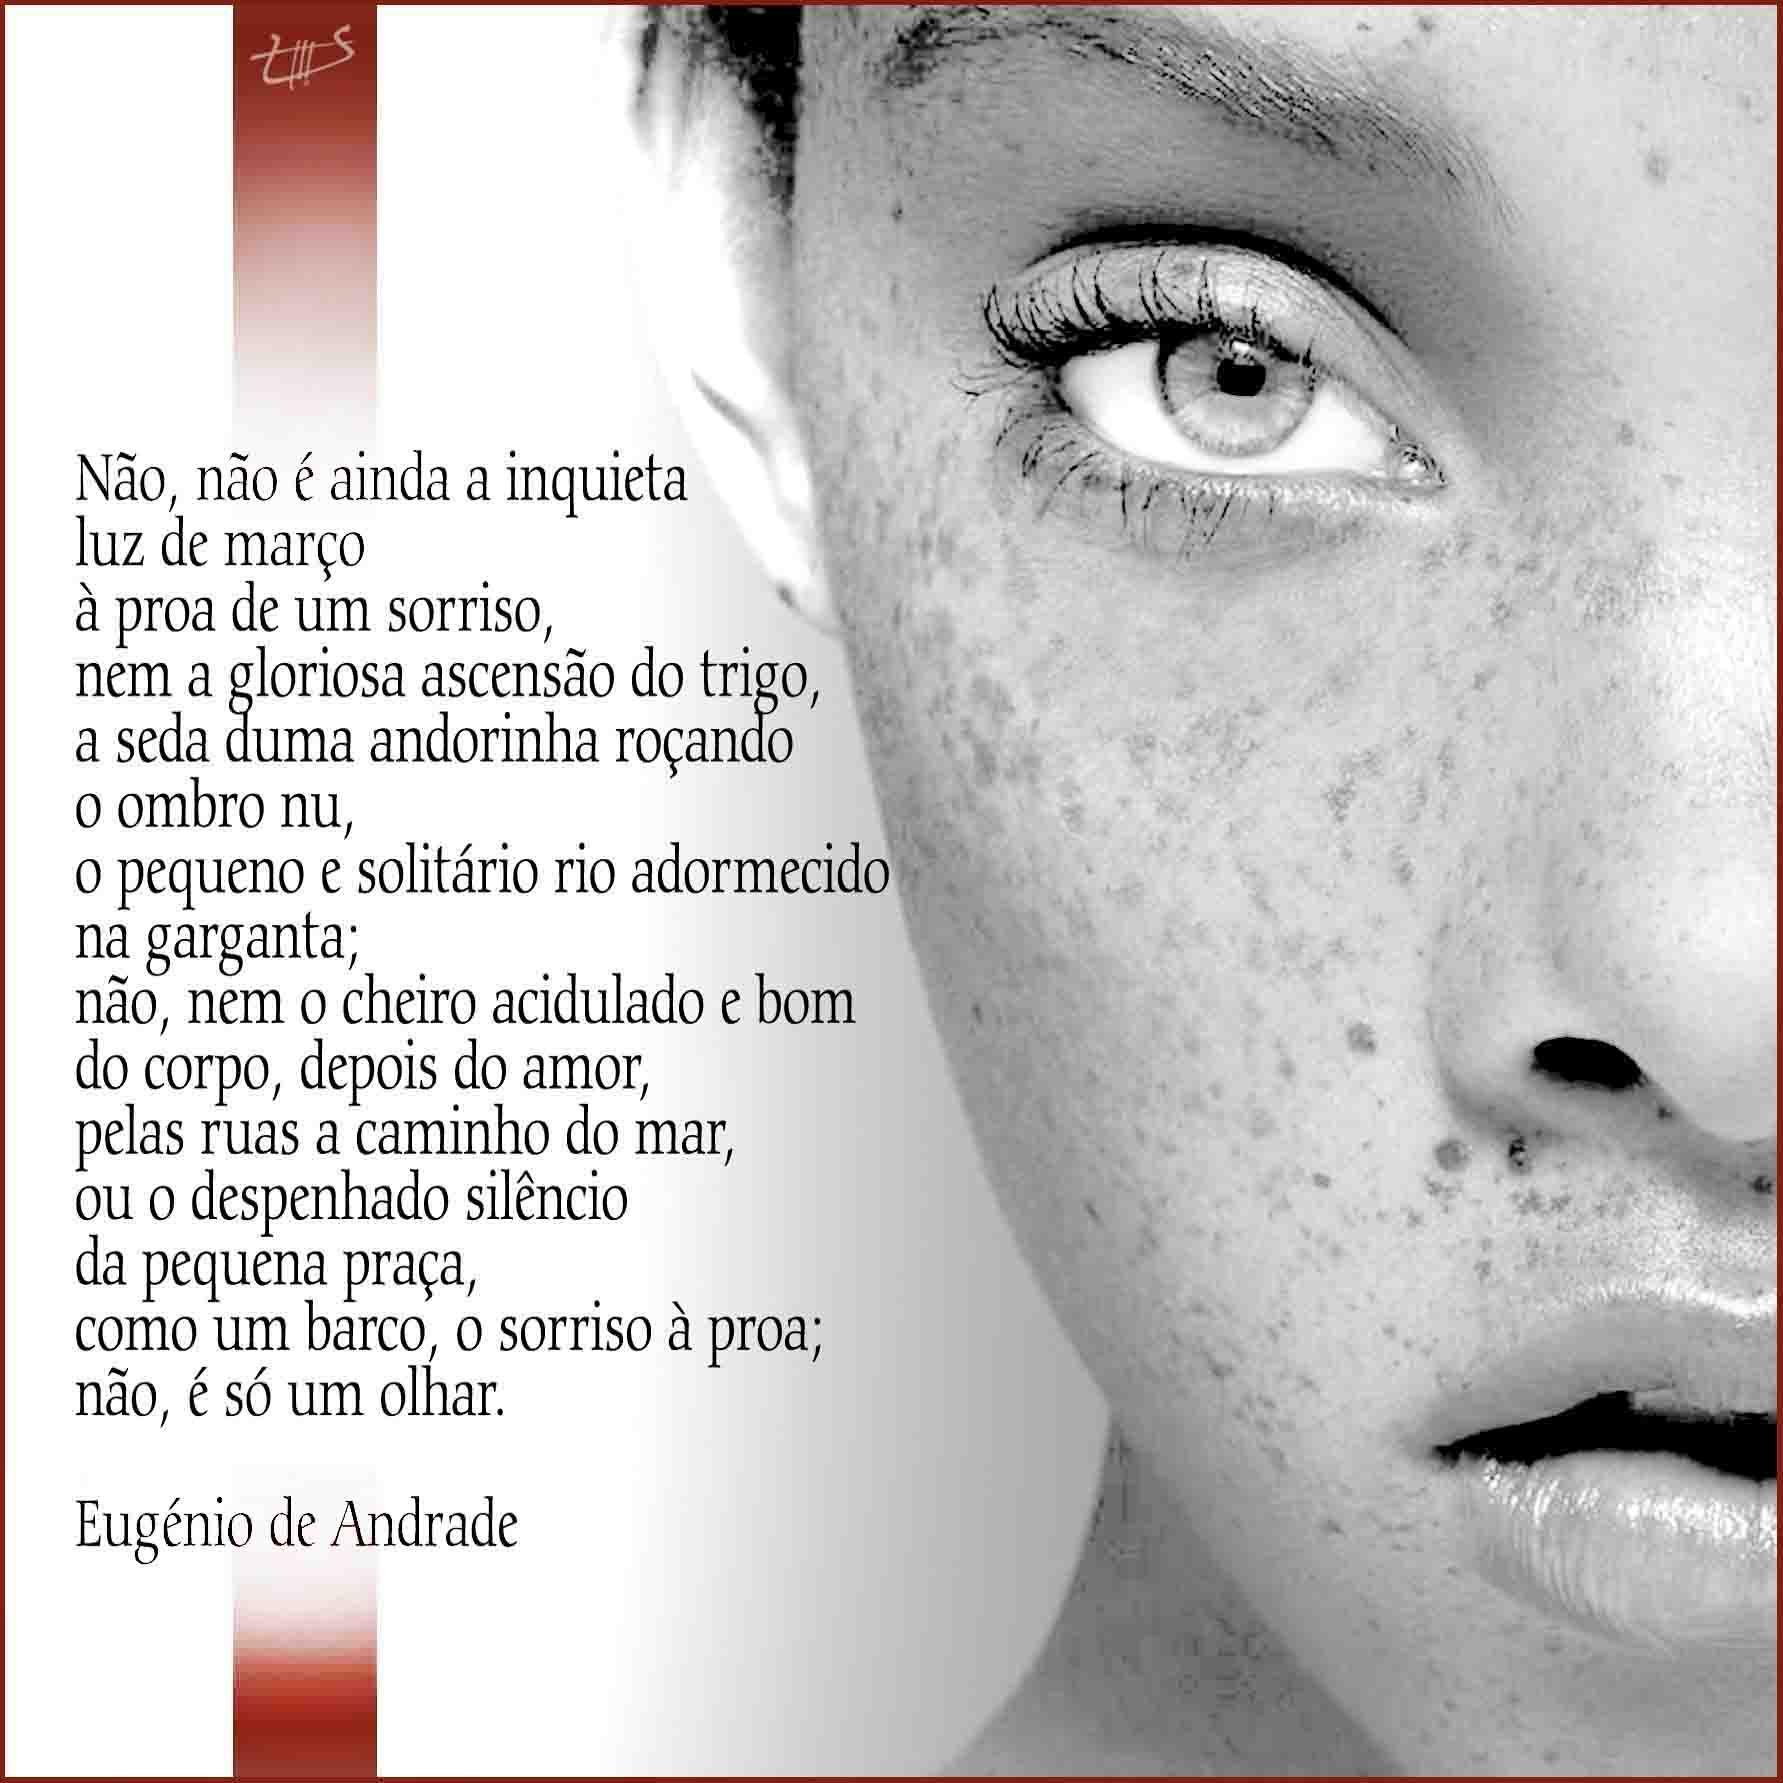 #poema #amor #eugeniodeandrade #talento